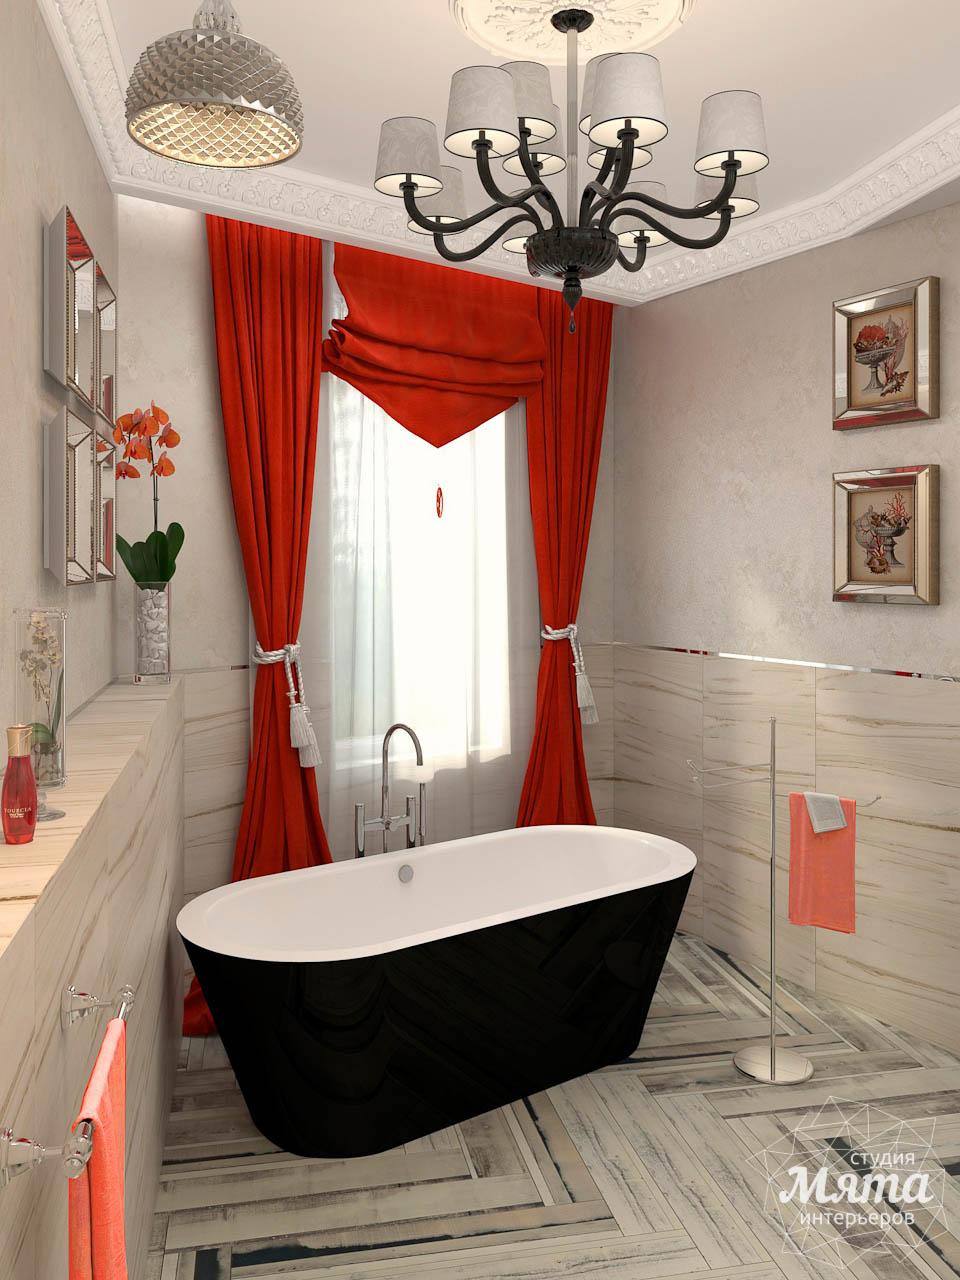 Дизайн интерьера коттеджа в п. Дубрава img1809002592